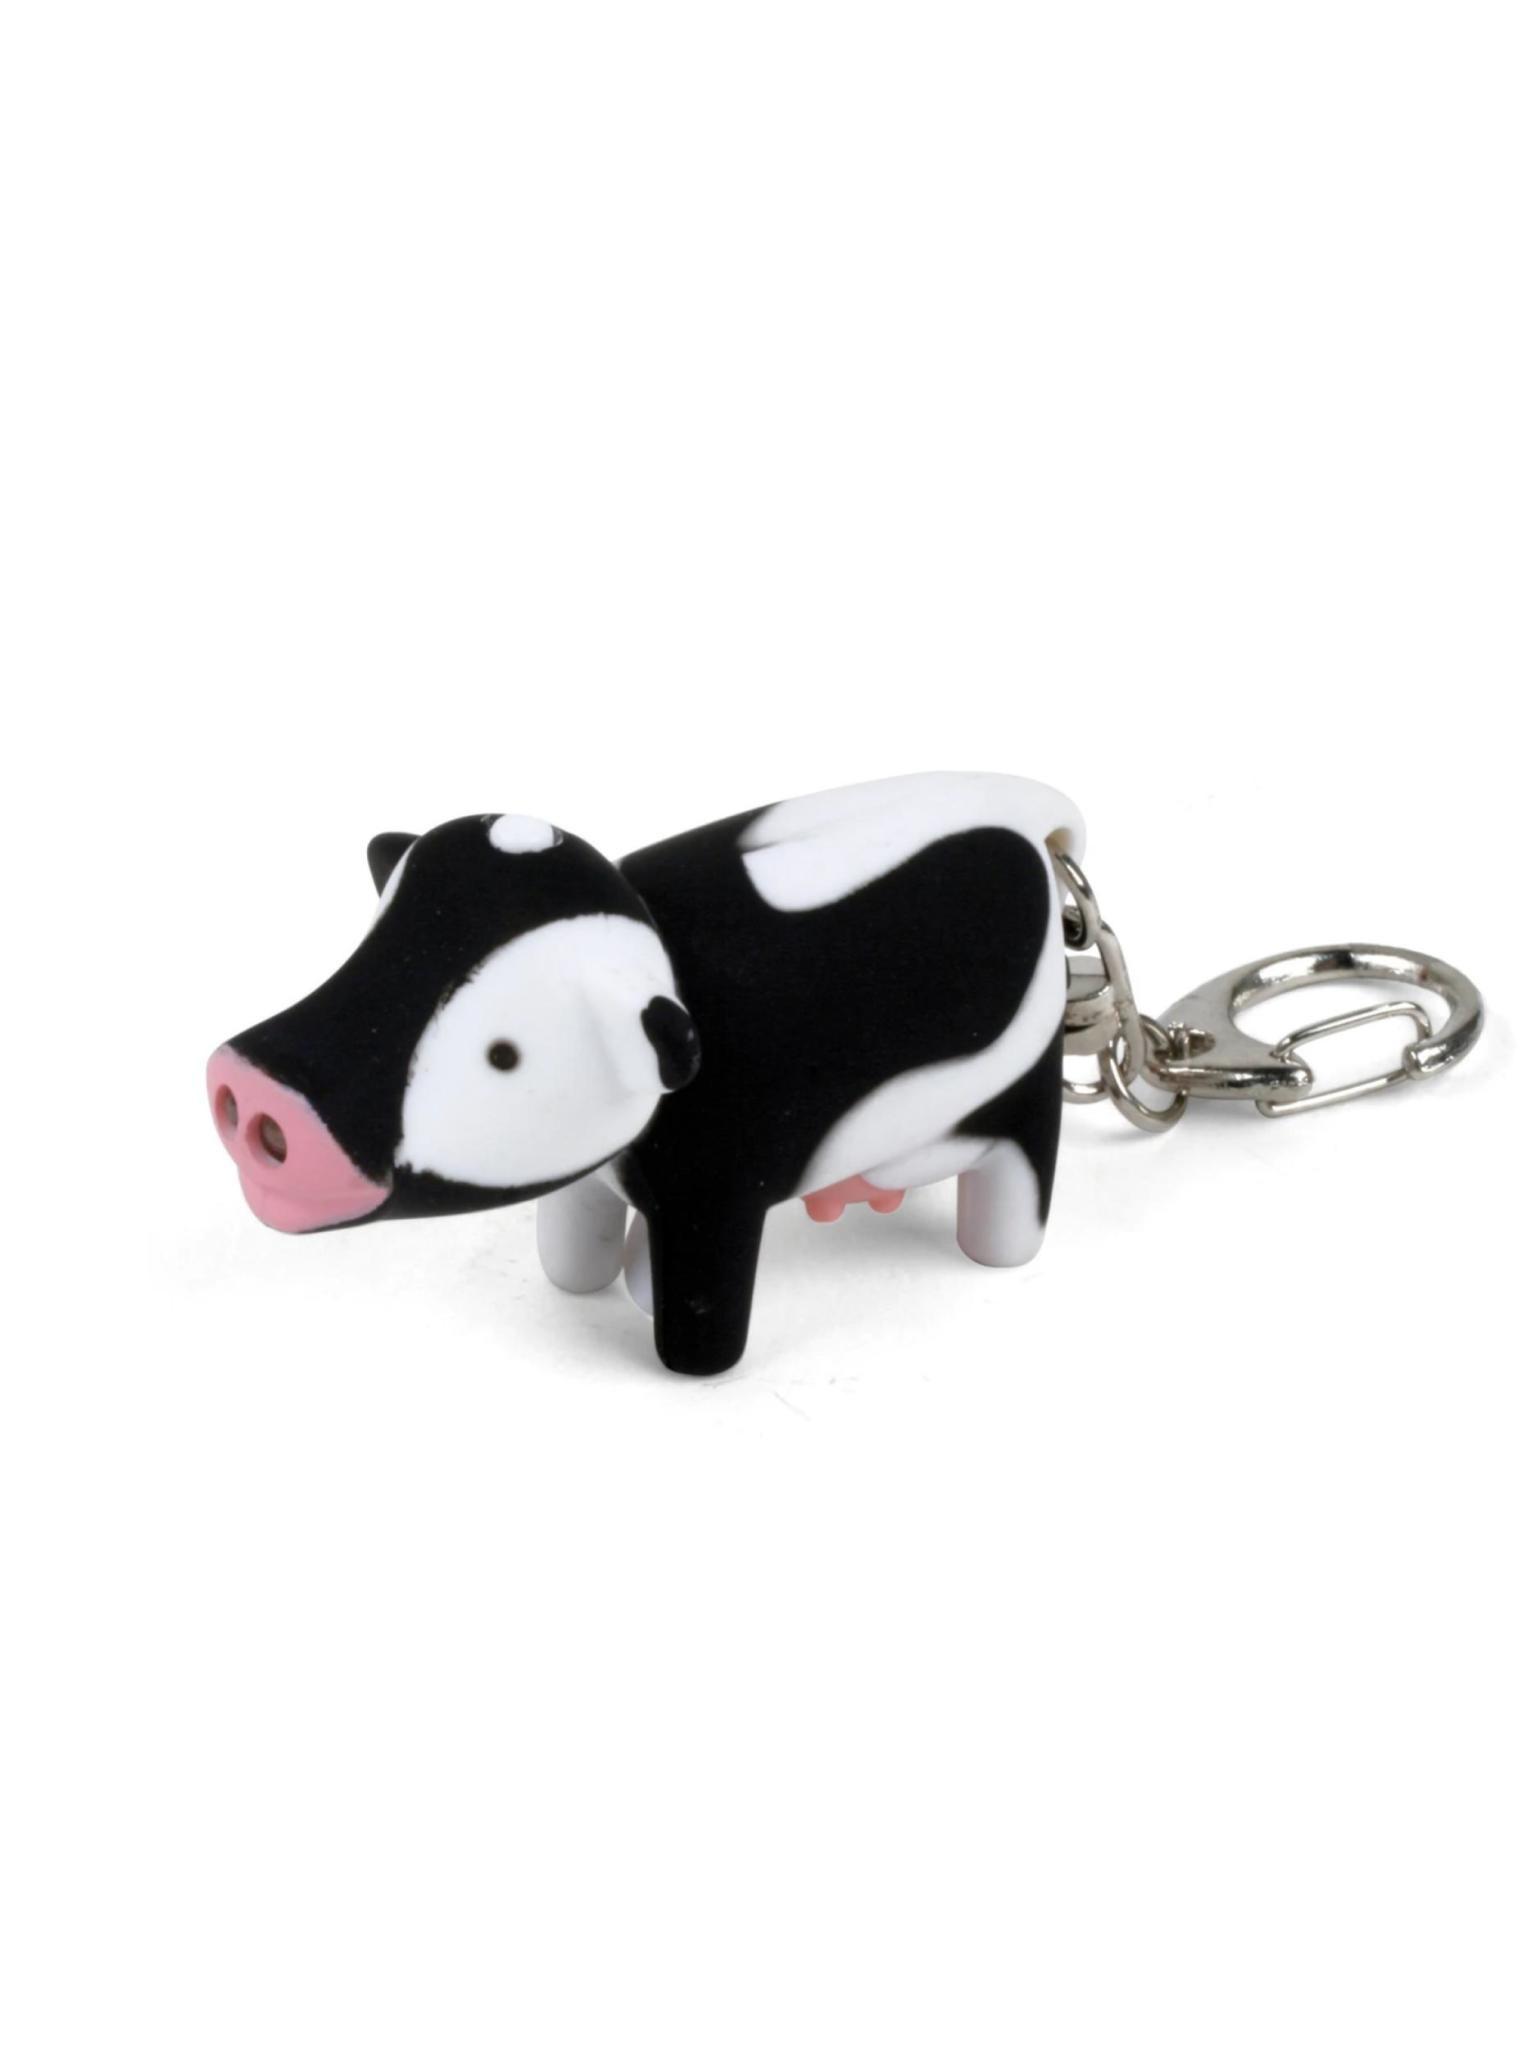 Kikkerland LED Keychain Cow